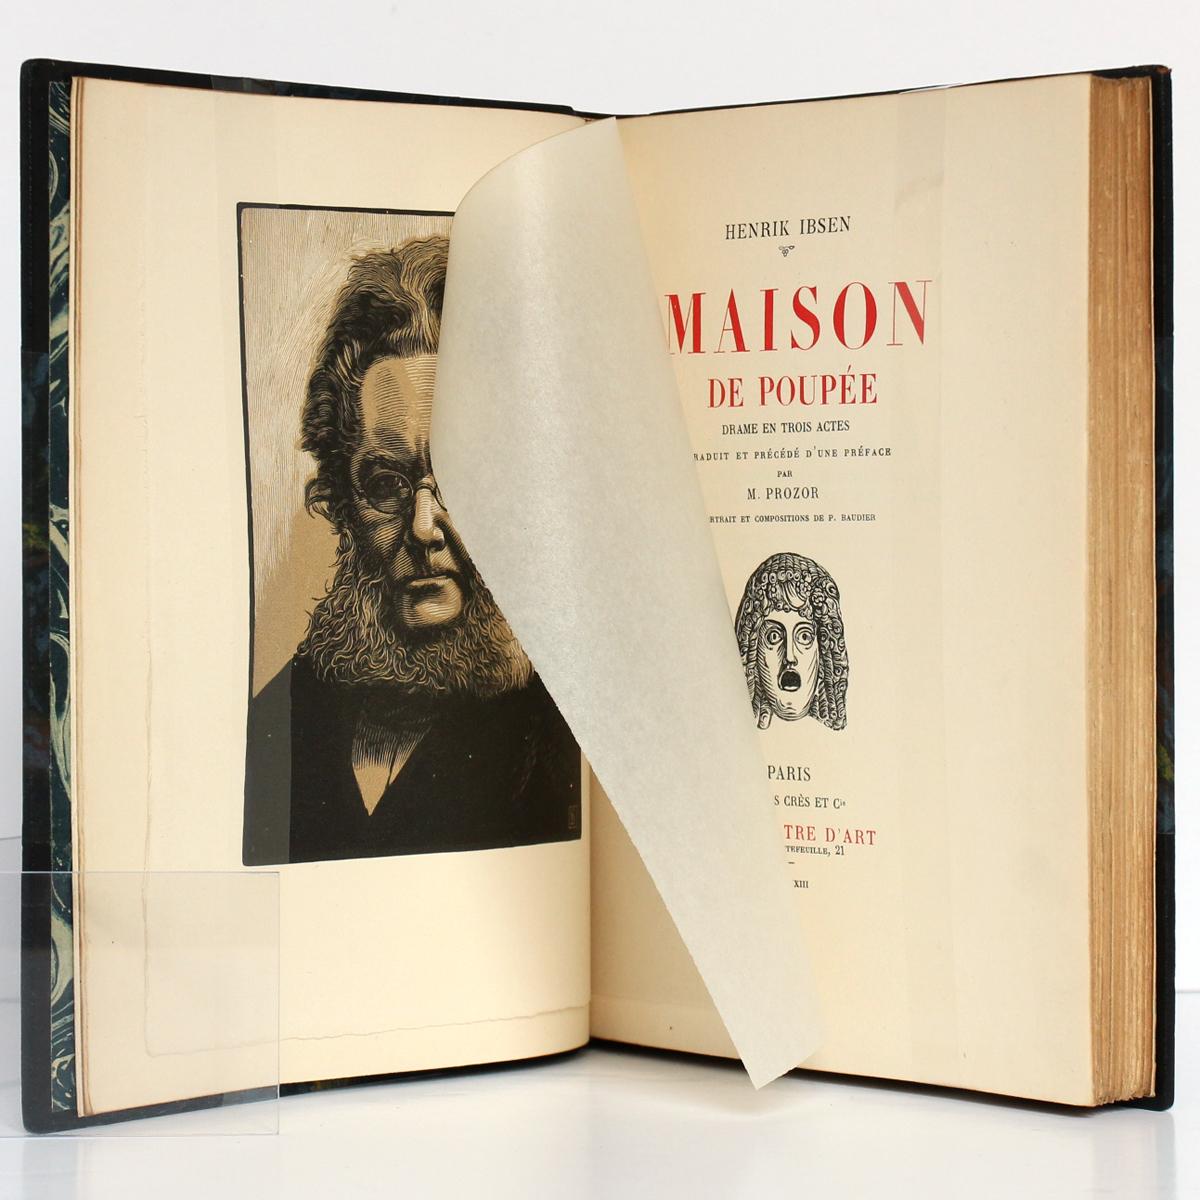 Maison de poupée, Henrik IBSEN. Georges Crès et Cie, 1923. Frontispice et page titre.